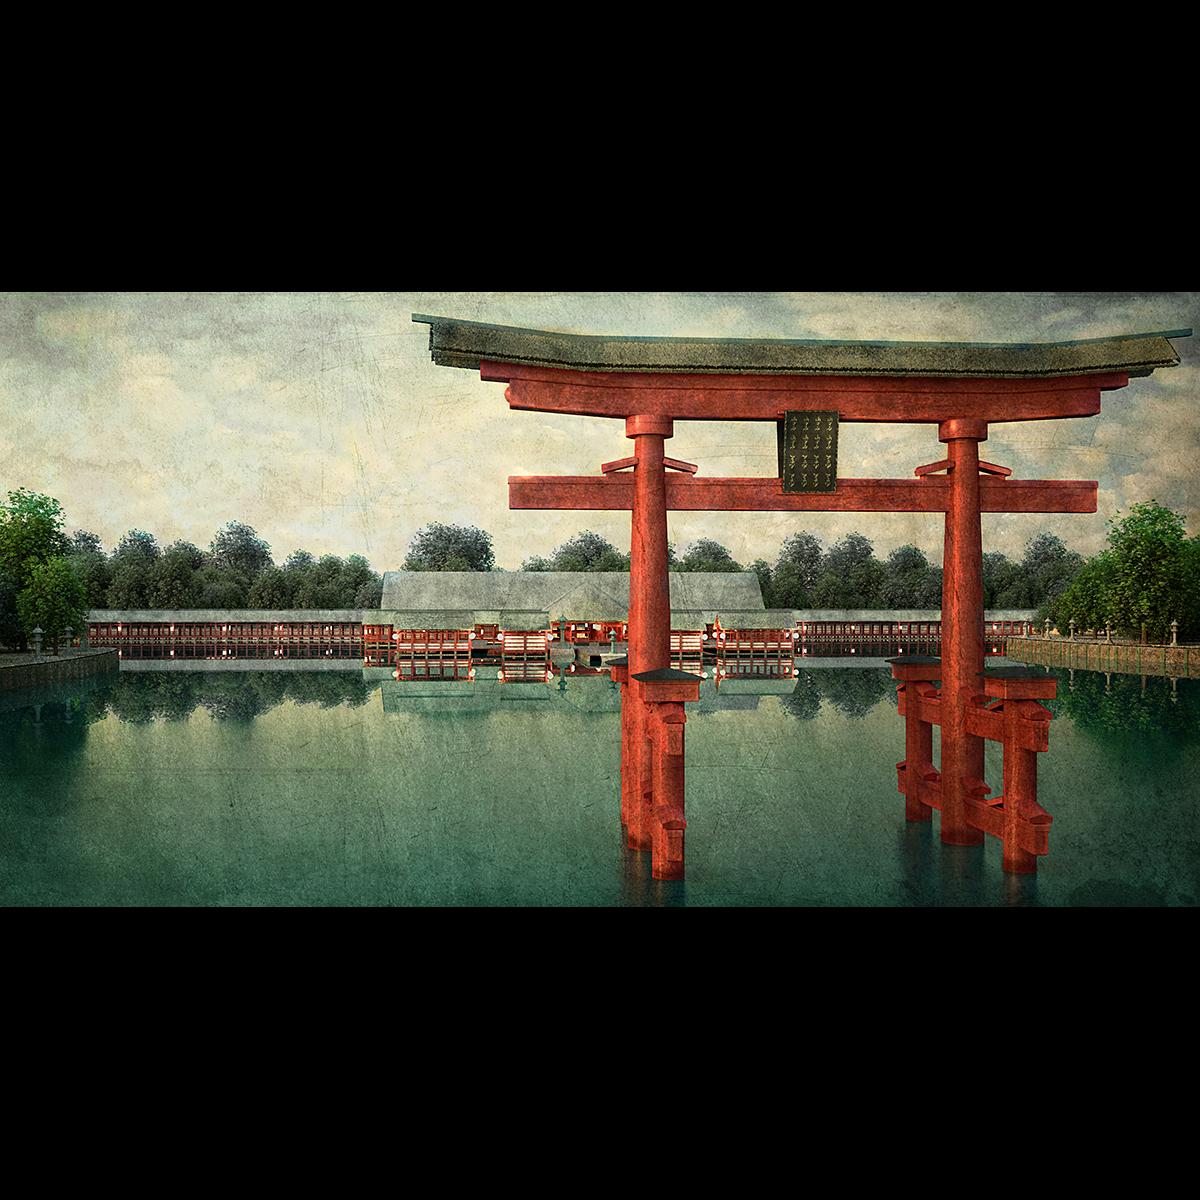 Łukasz Liszko - Digital Painitng / Illustration - Itsukushima Shrine